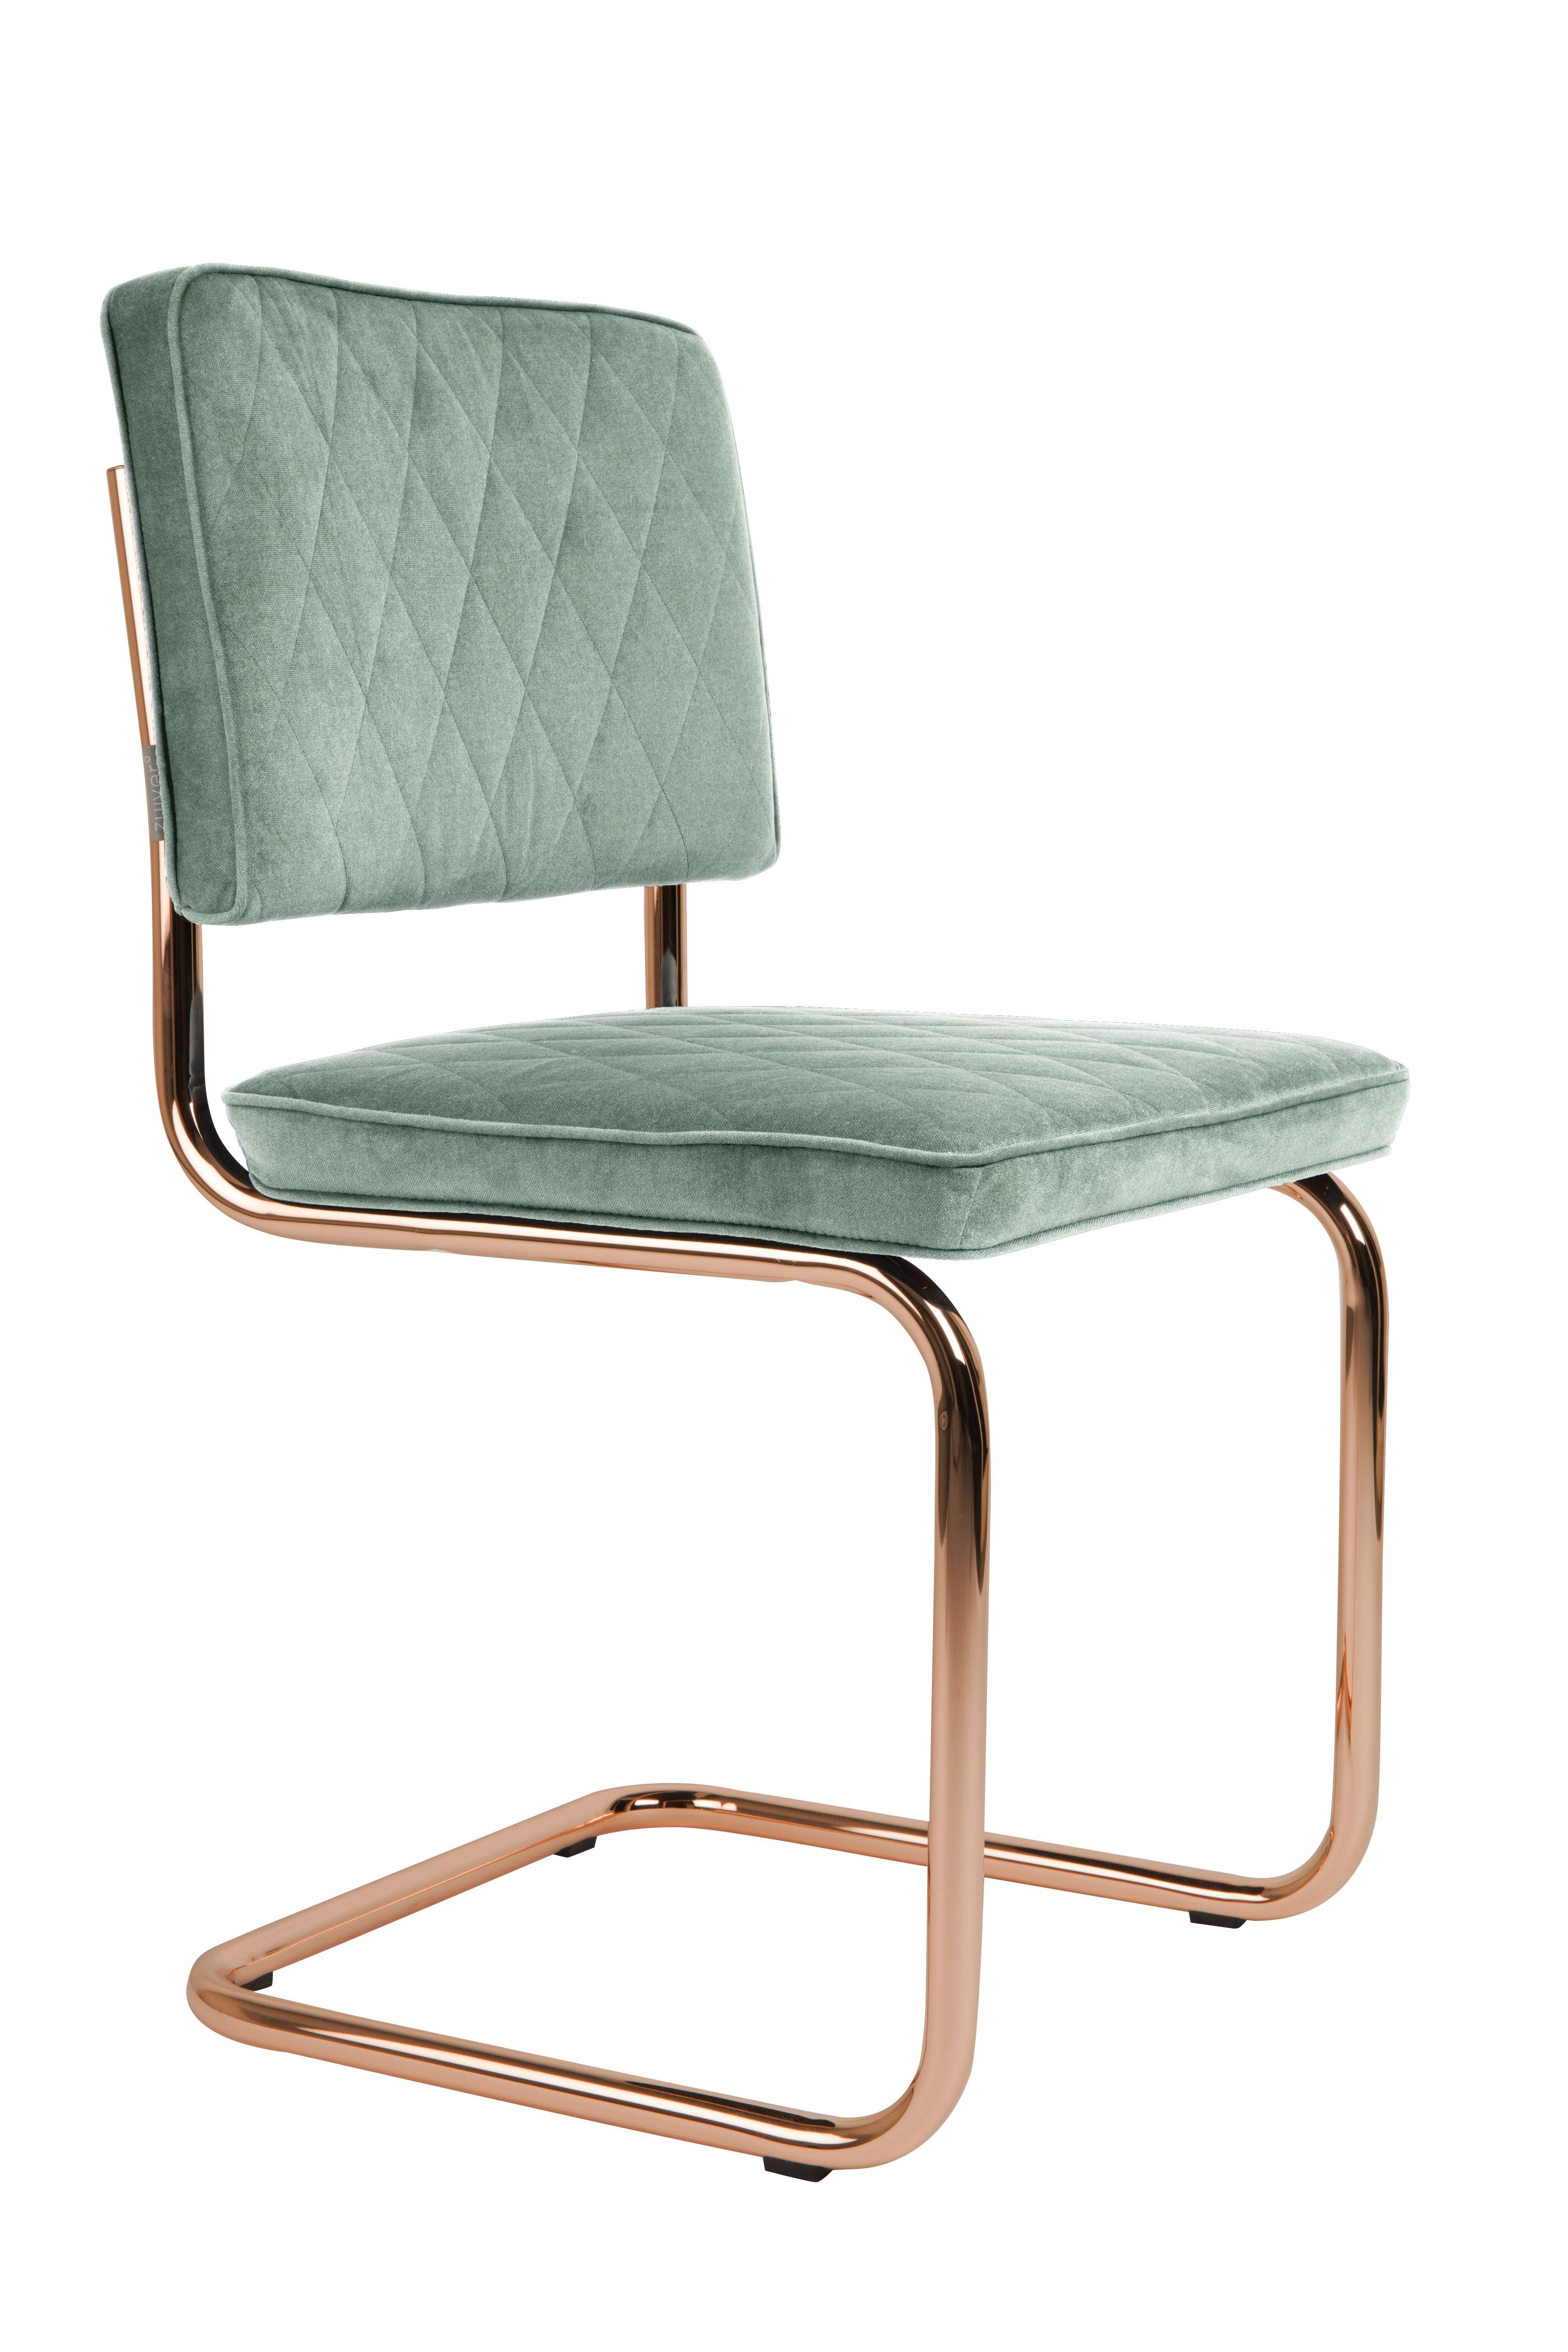 Nice A Qualit t Zuiver Diamond Stuhl g nstig online kaufen Riesensortiment alle produkte auf Vorrat Alle Top Angeboteauf fonQ de